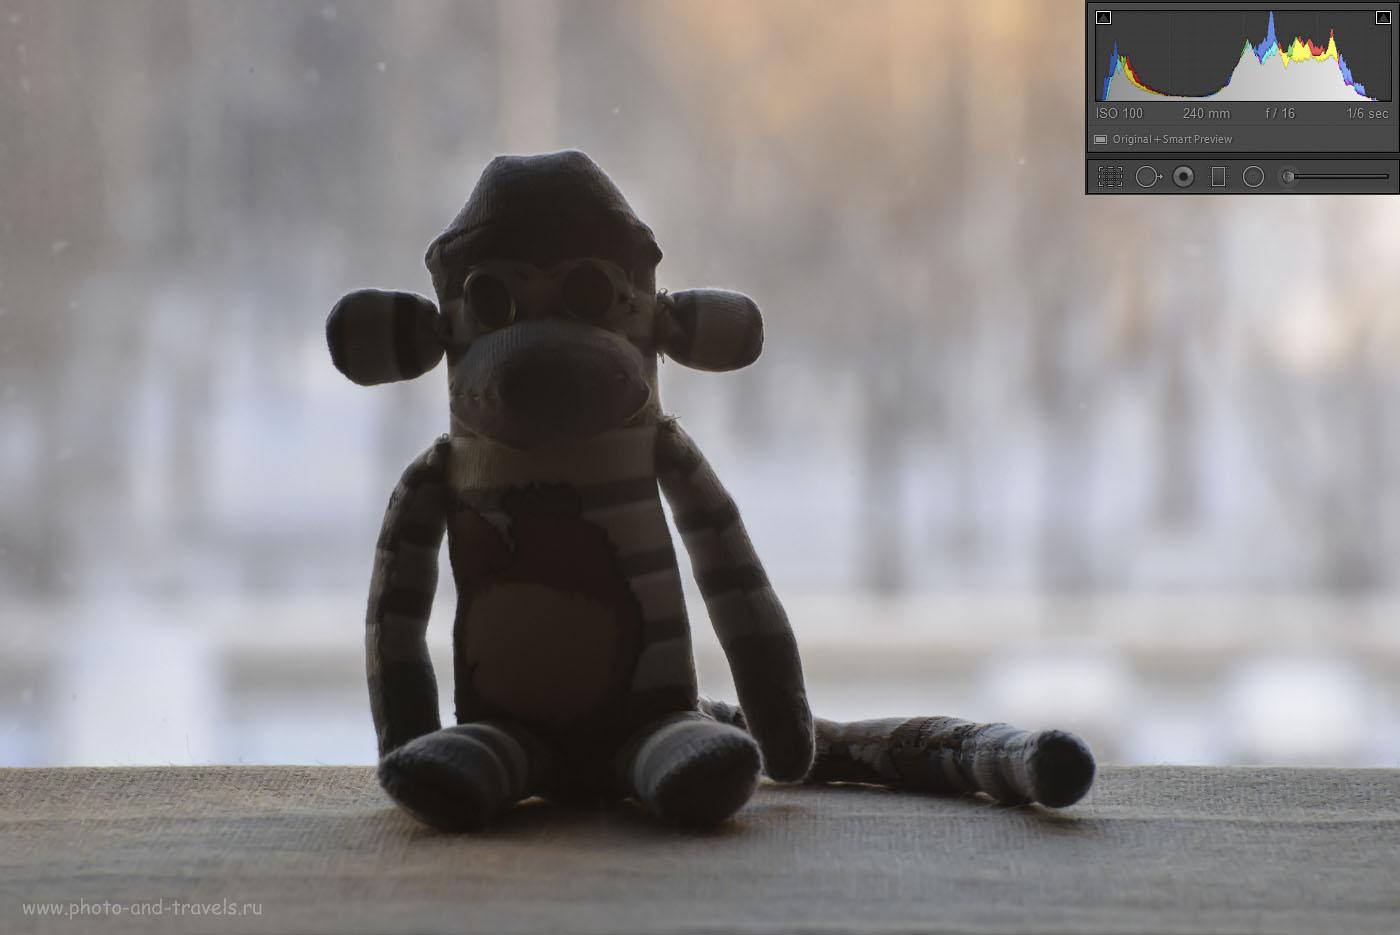 Фотография 25. Использование режима Активный Д-Лайтинг в позиции «Авто» на зеркалке Nikon D610. Параметры съемки: 1/6, 0EV, 16.0, 100, 240.